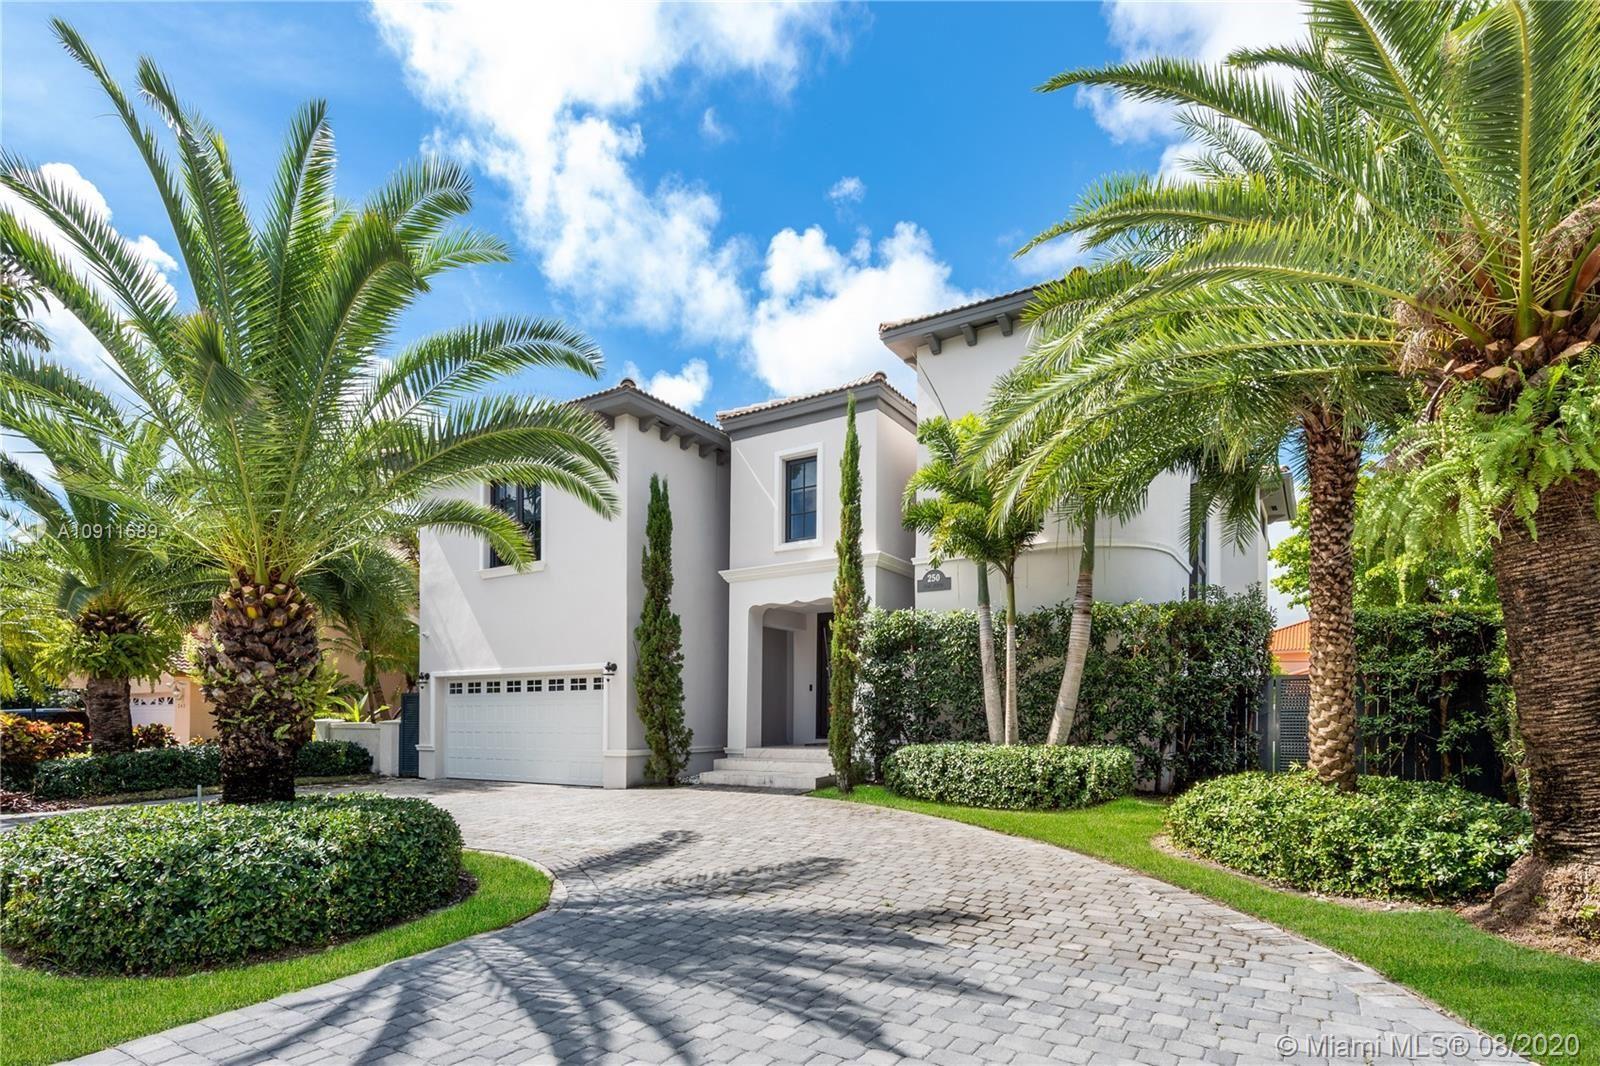 250 Palm Ave, Miami Beach, FL 33139 - #: A10911689